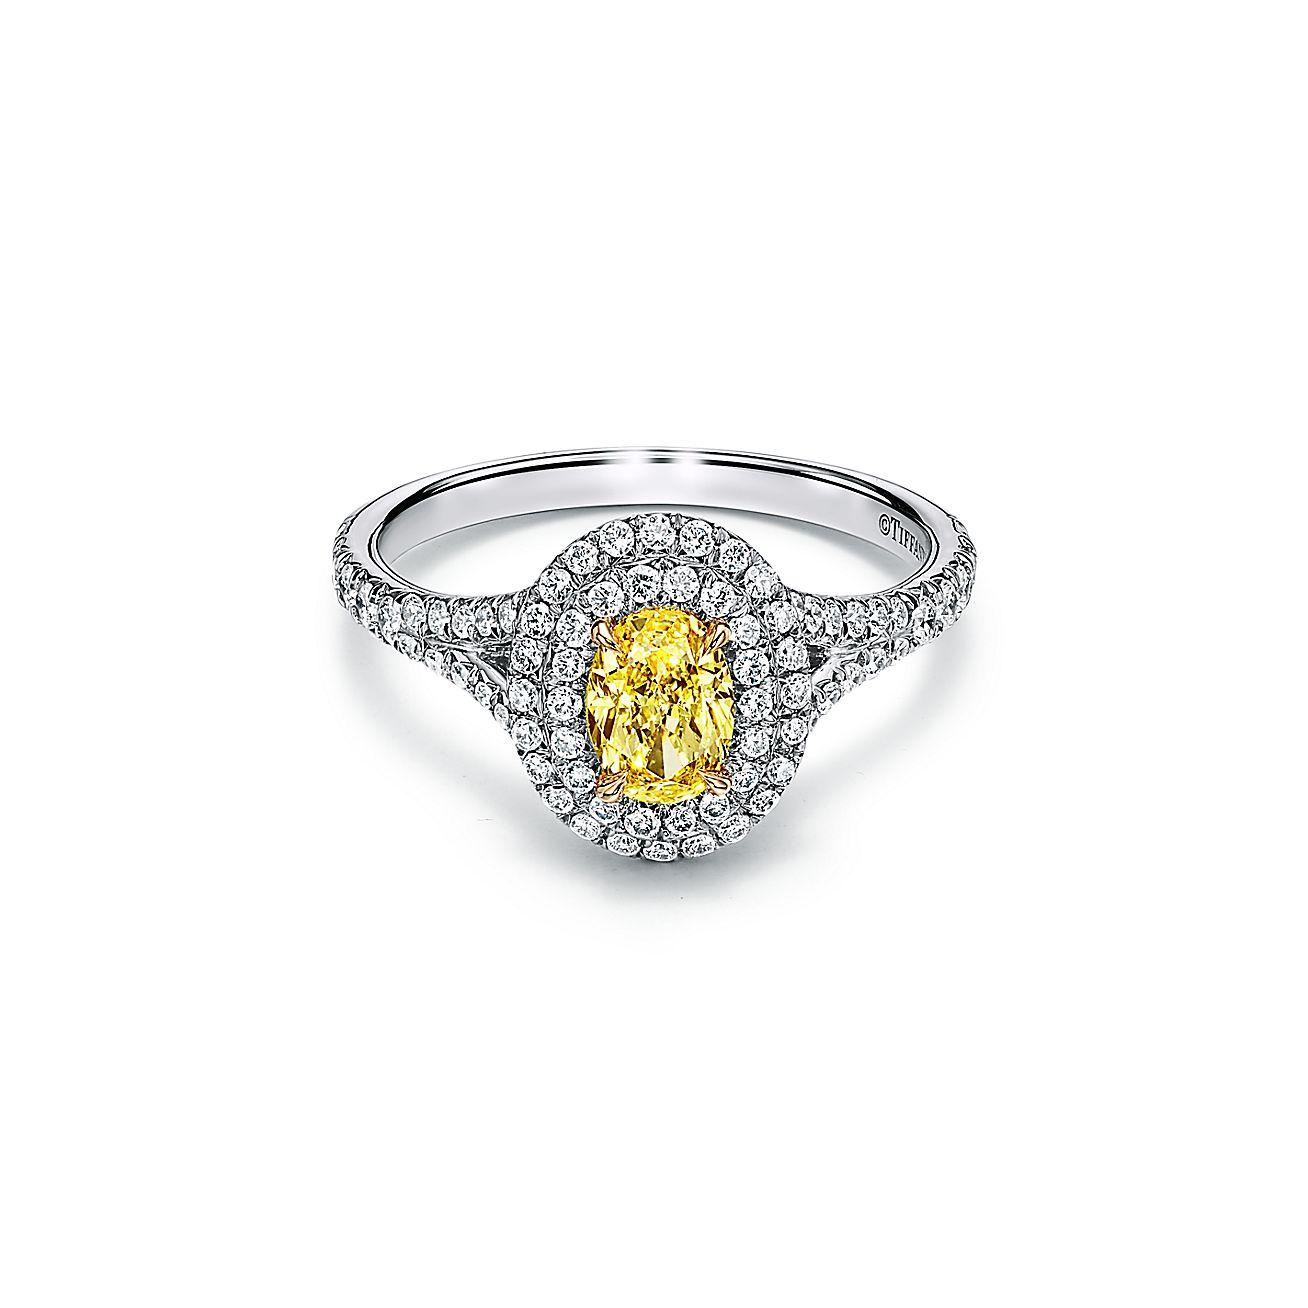 prix réduit qualité incroyable comment acheter Bague de fiançailles double halo Tiffany Soleste en platine 950 millièmes  ornée d'un diamant jaune taille ovale